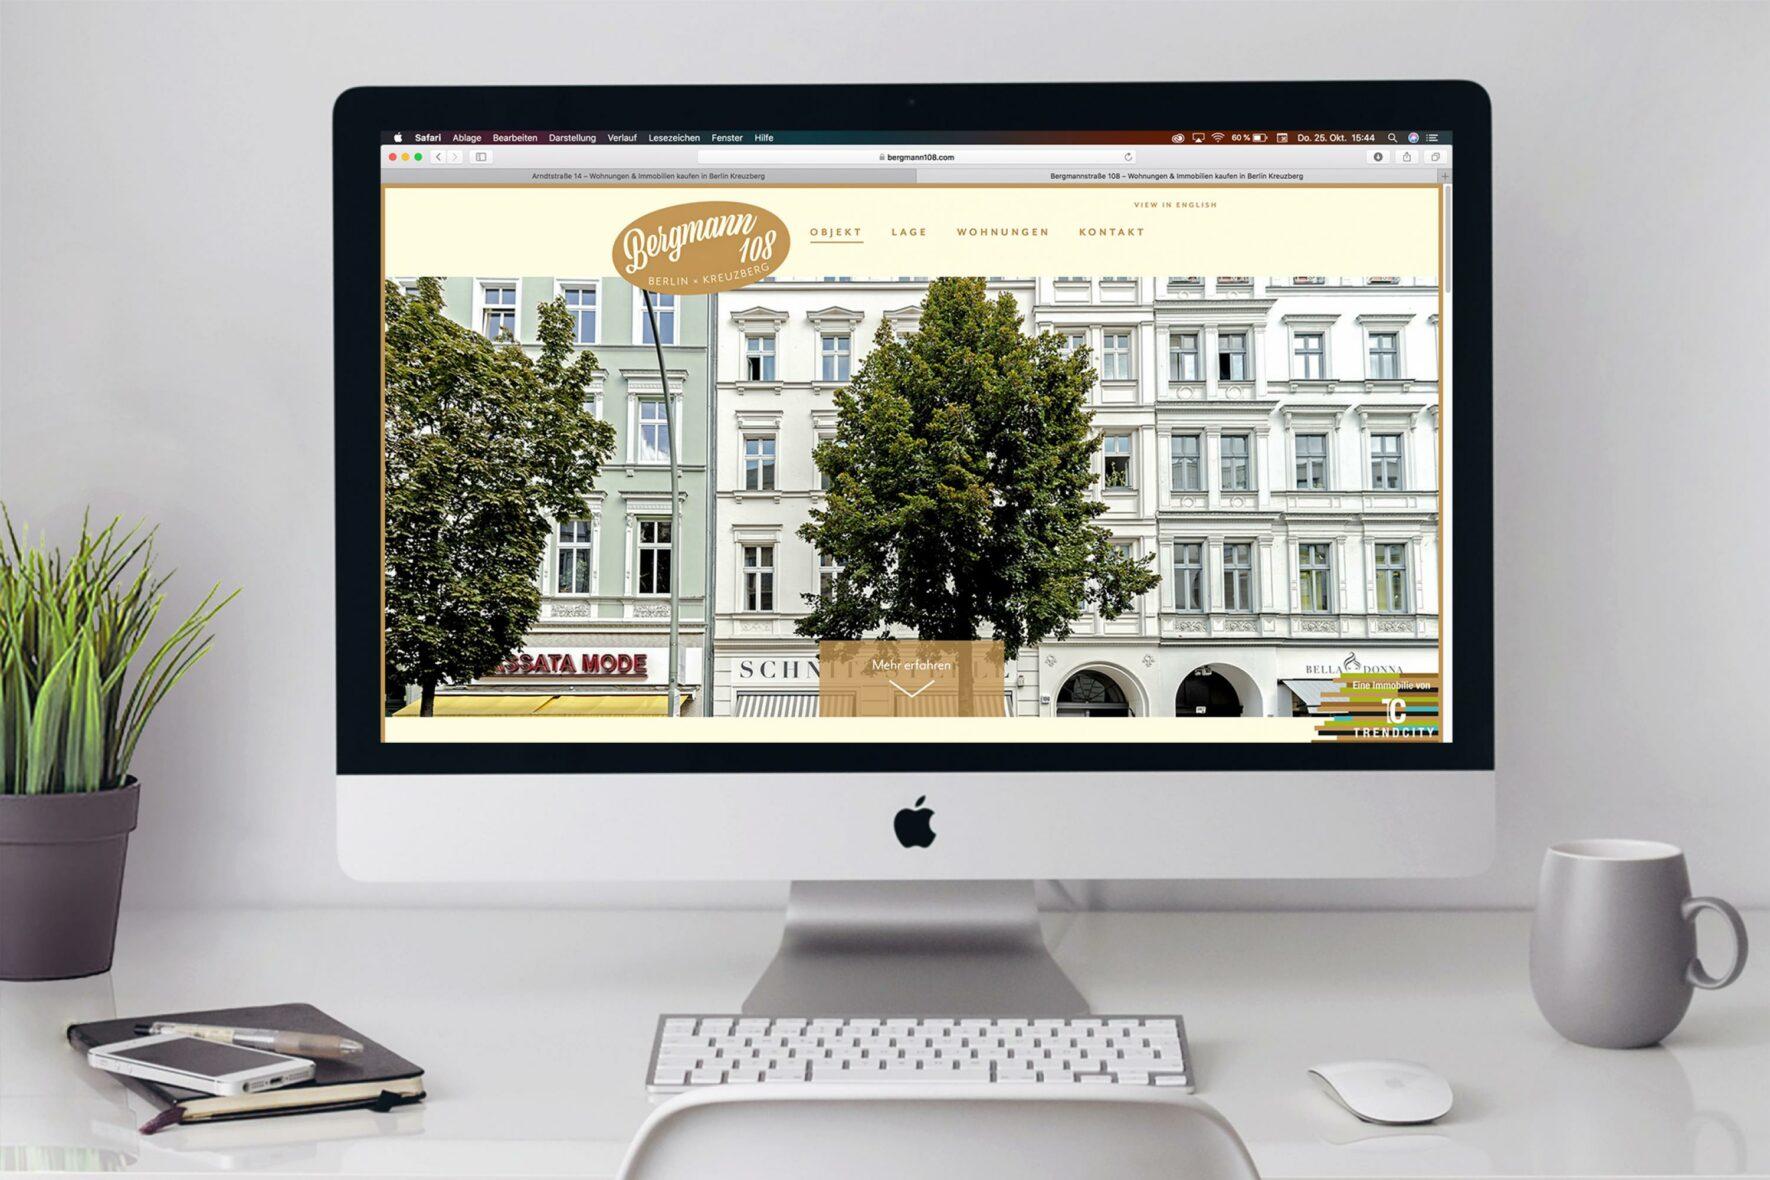 Webiste-Objekte-Branding-Trendcity-Immobilien-Corporate-design-bergmann-1 Kopie